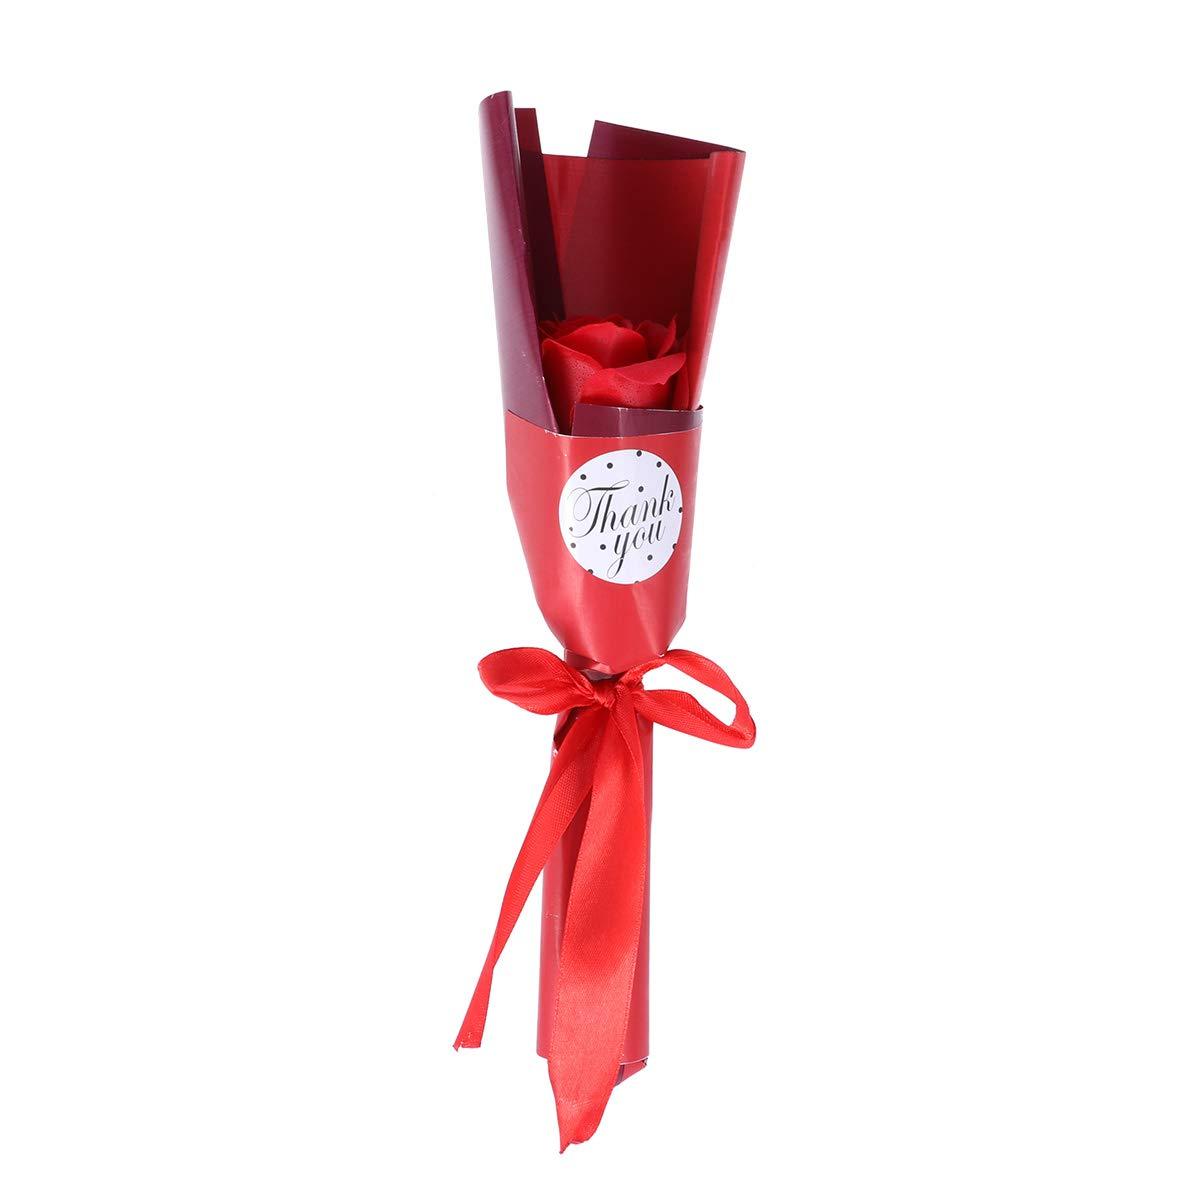 Amosfun 1pc Rosa jab/ón perfumado Rosa Flor ba/ño Cuerpo jab/ón Planta Aceite Esencial jab/ón para el d/ía de la Boda Banquete de Boda Aniversario Regalos Rojo